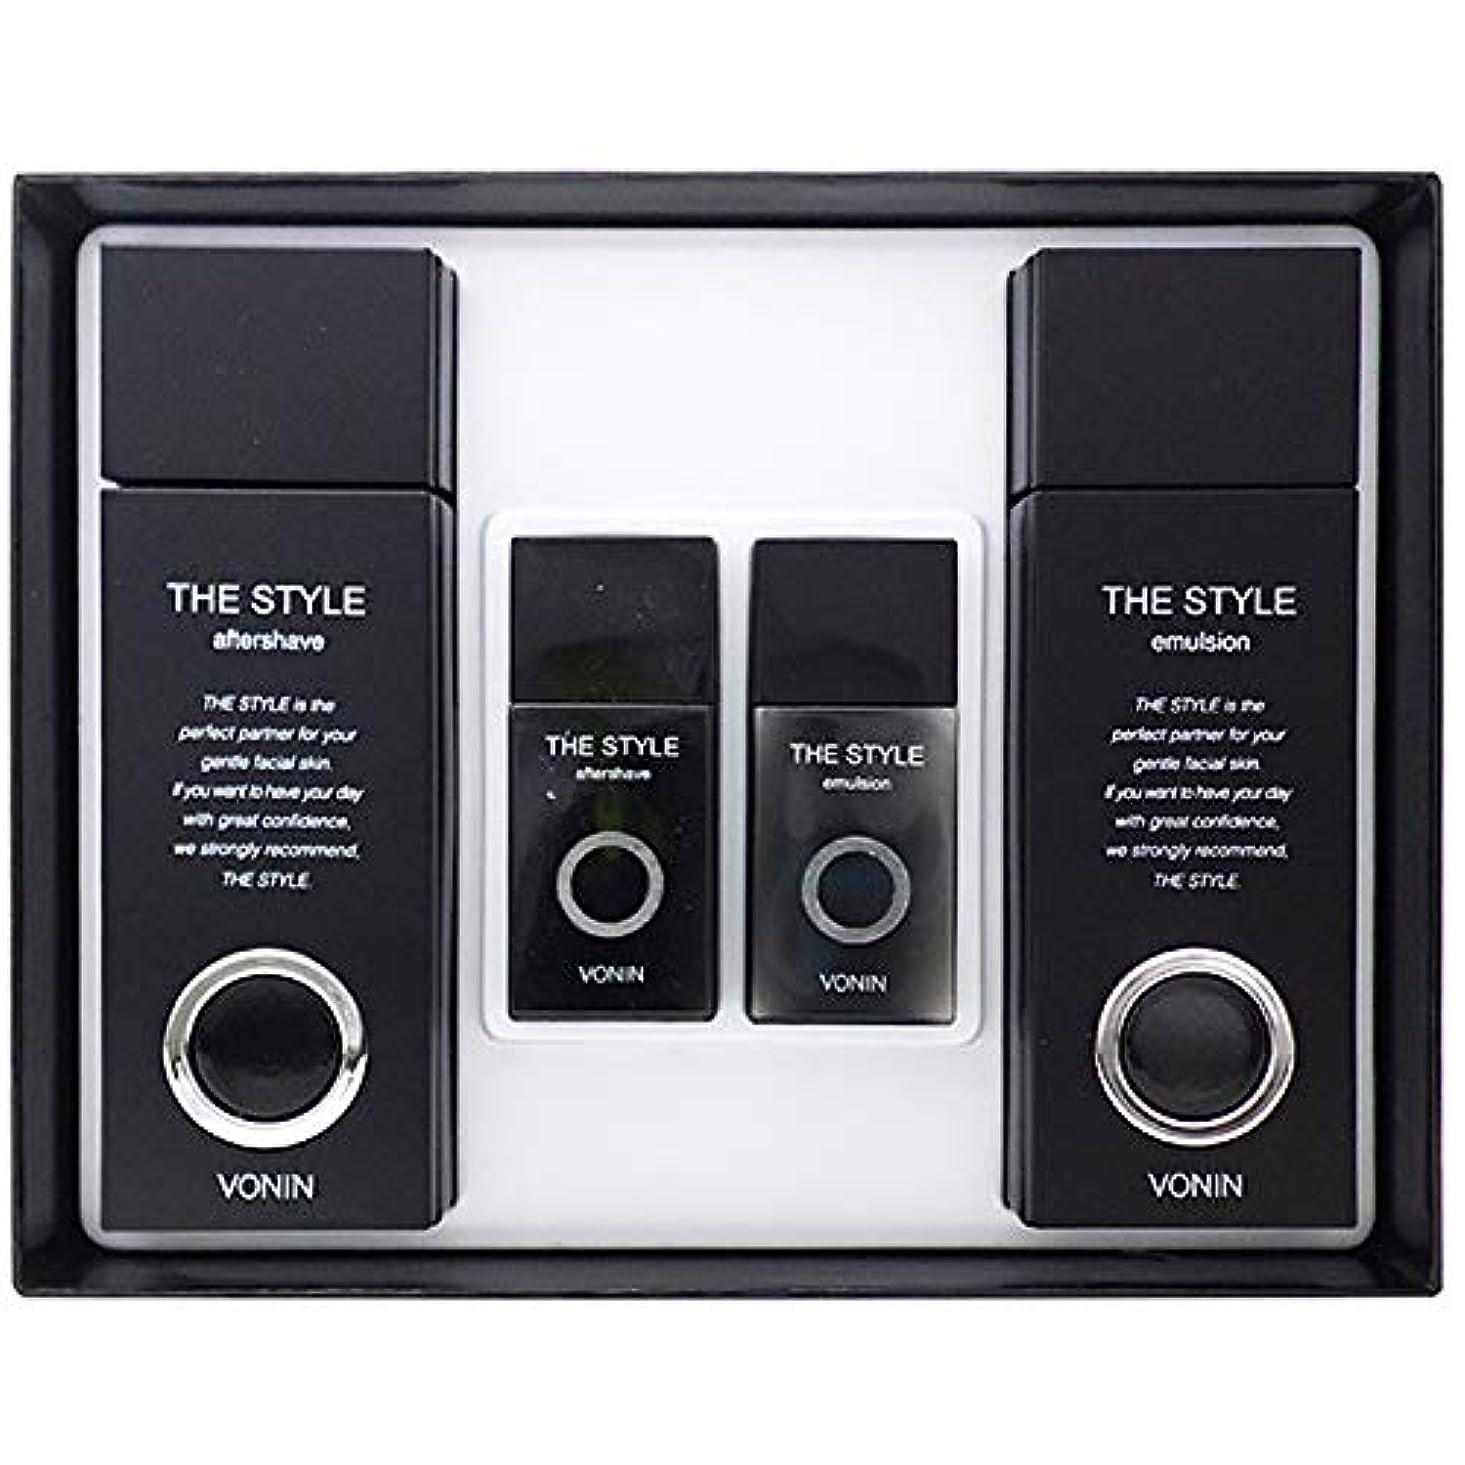 たっぷり病気だと思うアラブサラボ(ボニン) VONIN THE STYLE For Men Aftershave + Emulsion Set よりスタイル2種男性化粧品セットトナー135ml+35ml +エマルジョン135ml+35ml [並行輸入品]